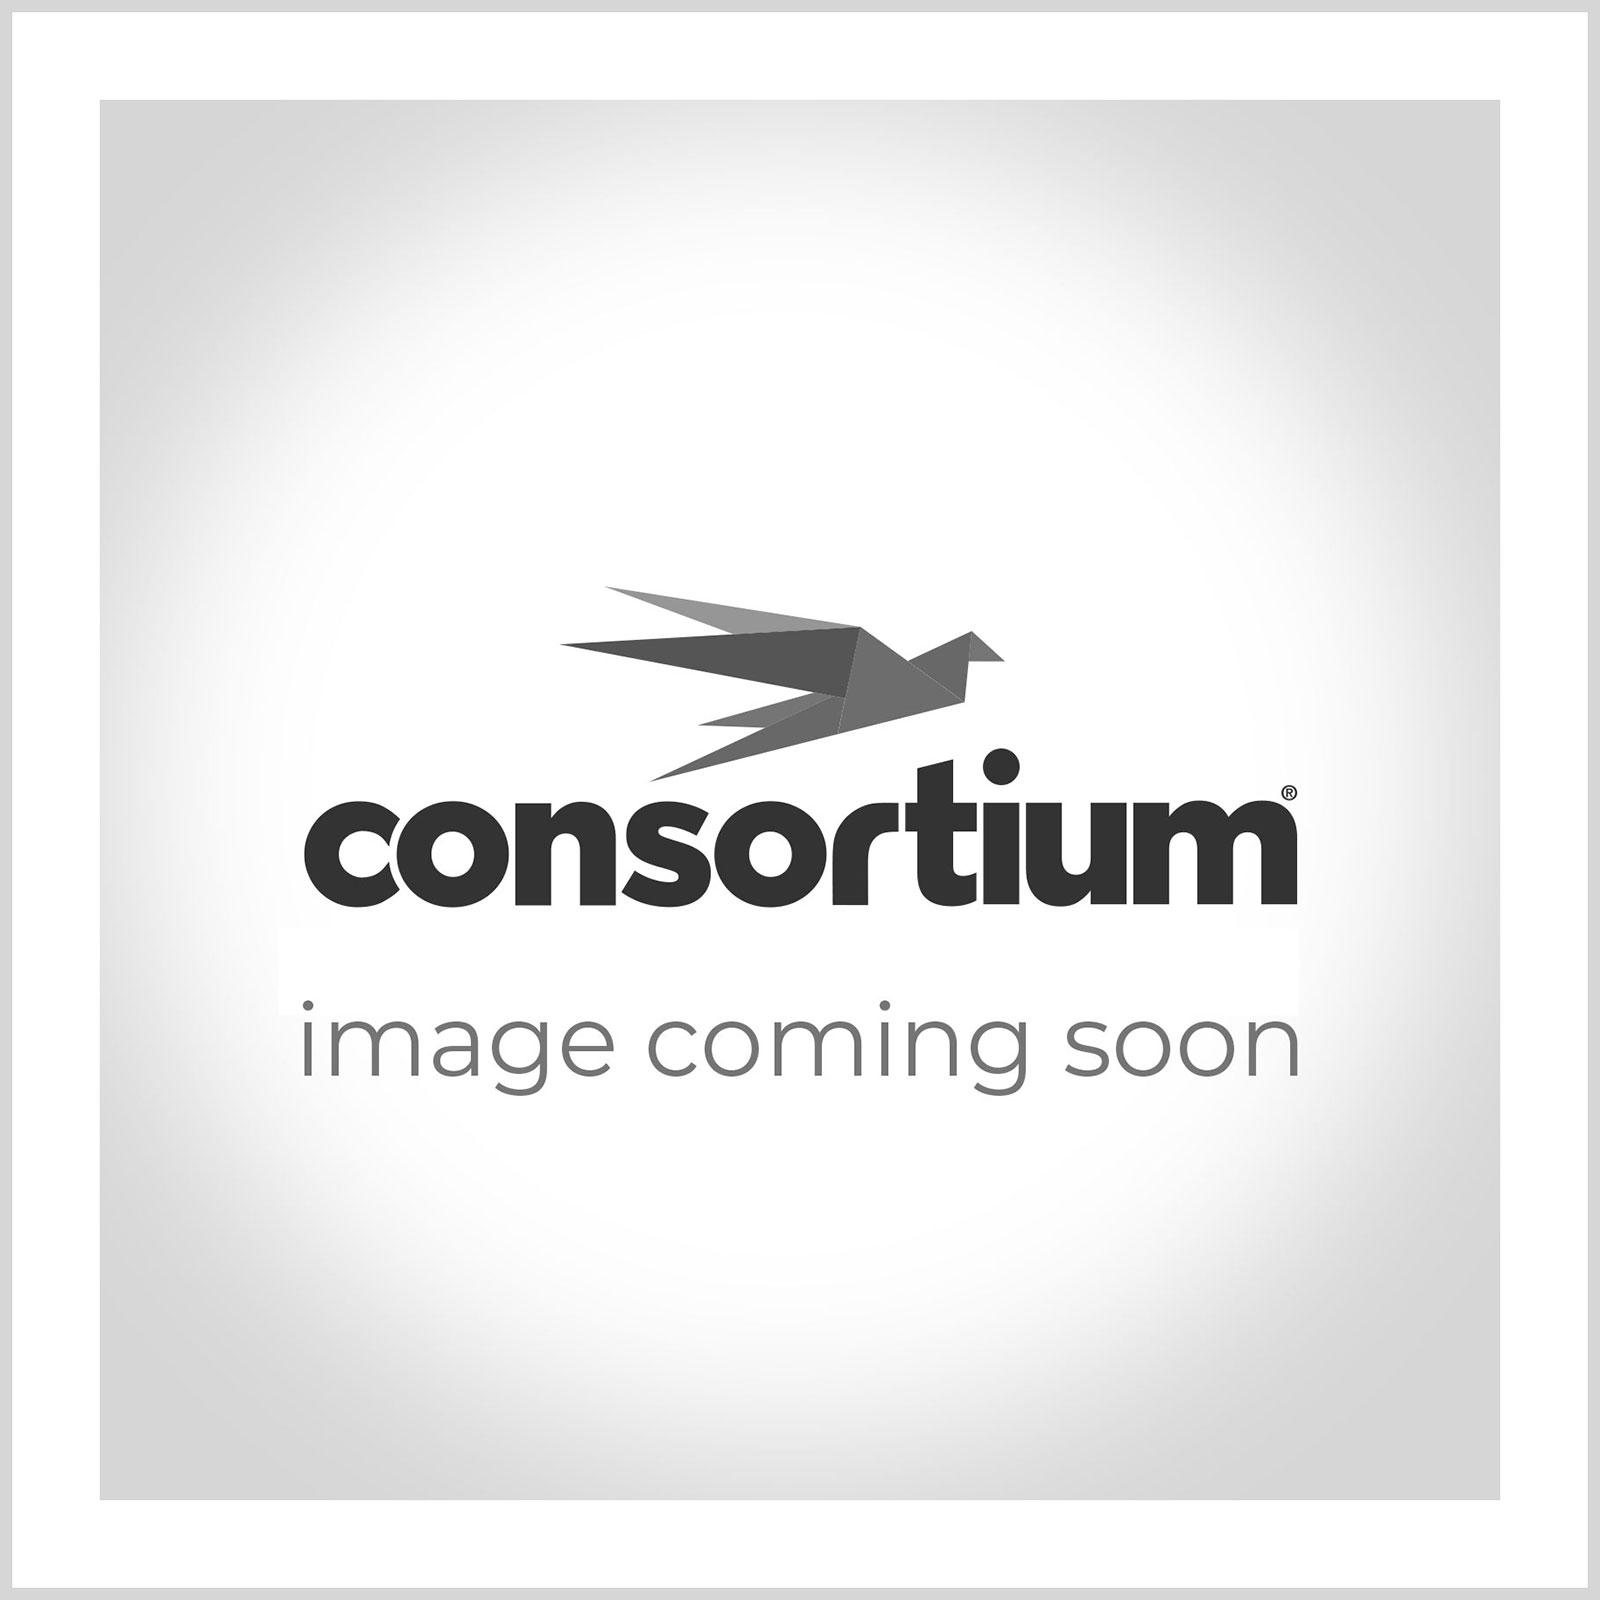 Bumper Metallic Textured Card Assortment